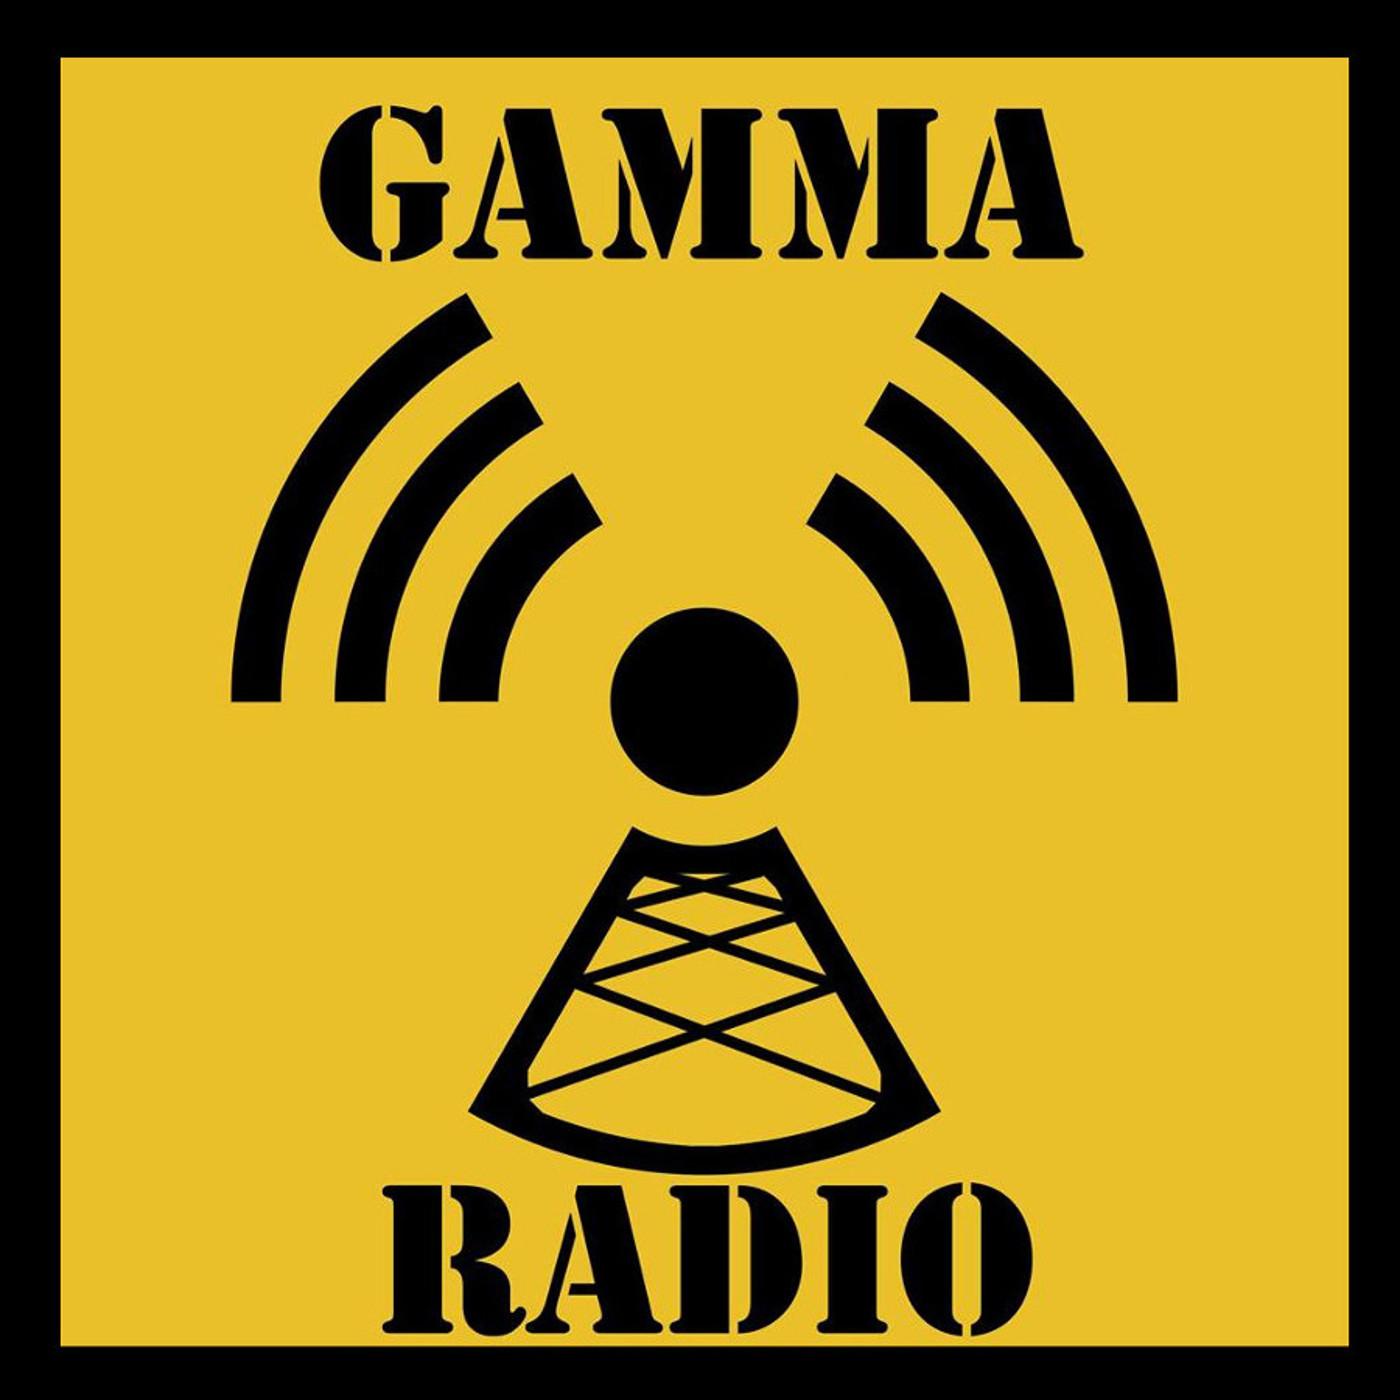 gammaradio